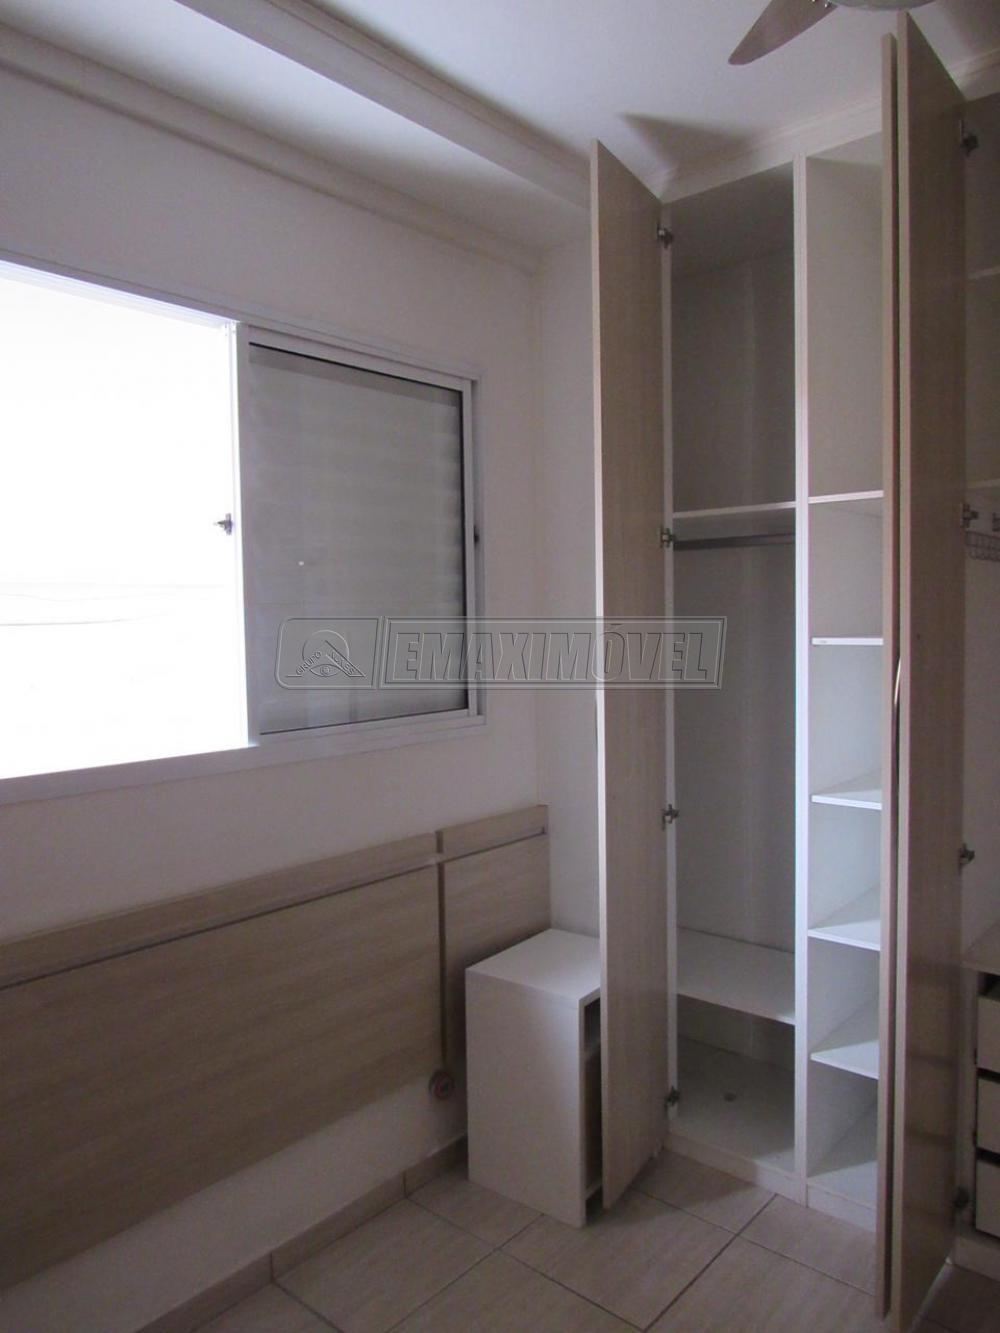 Comprar Apartamento / Padrão em Sorocaba R$ 255.000,00 - Foto 7